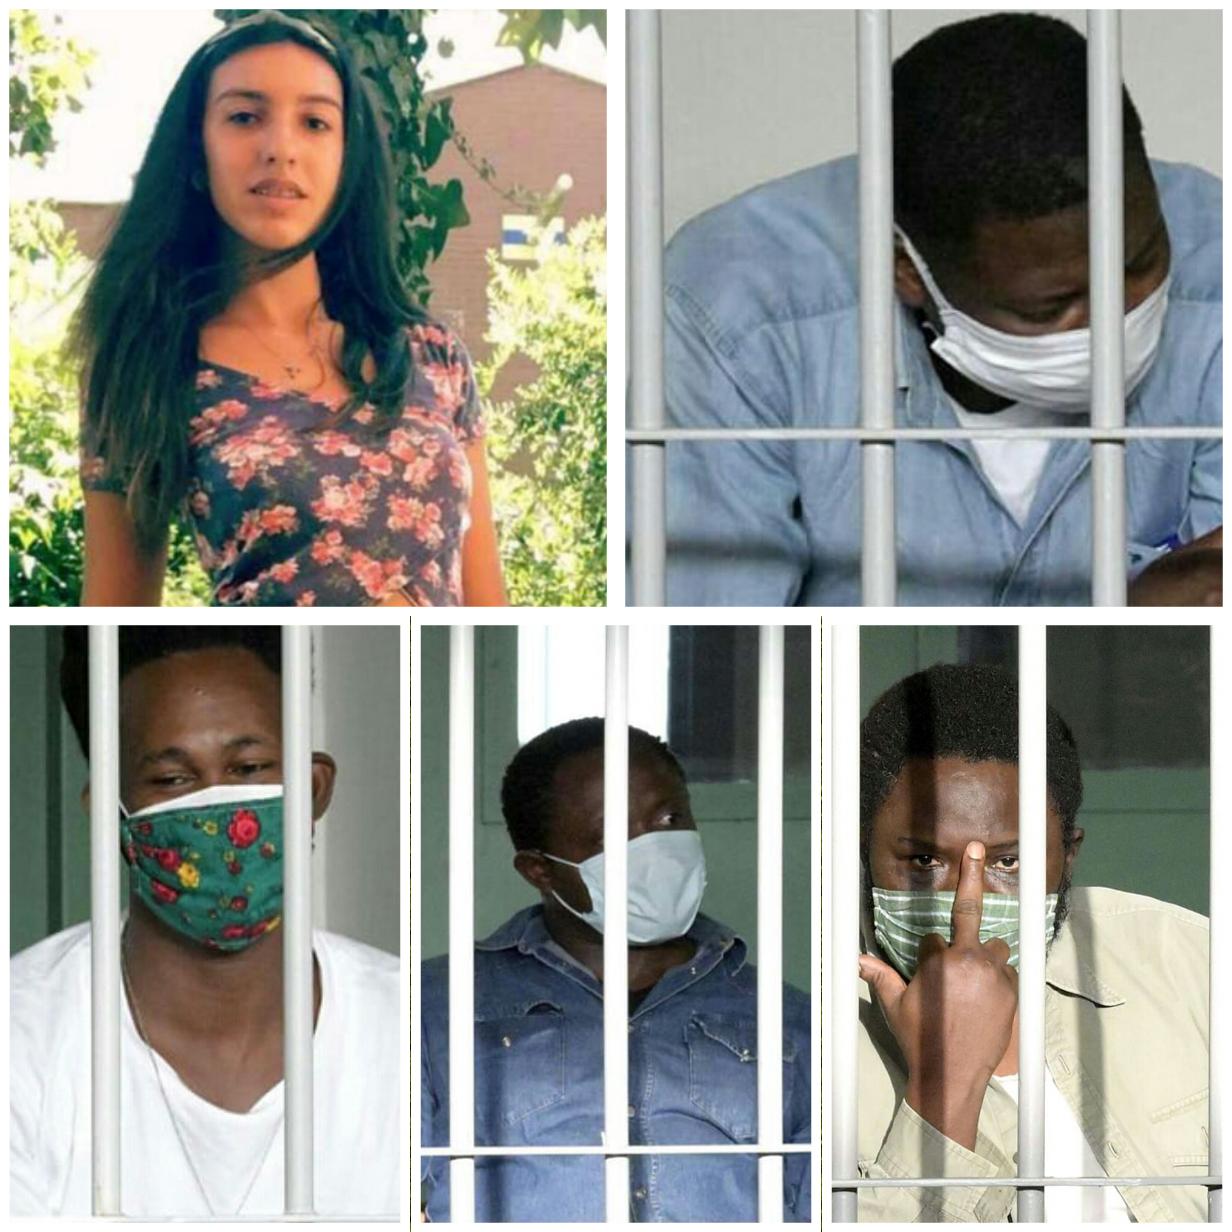 Italie: deux Sénégalais condamnés à perpétuité pour viol et meurtre